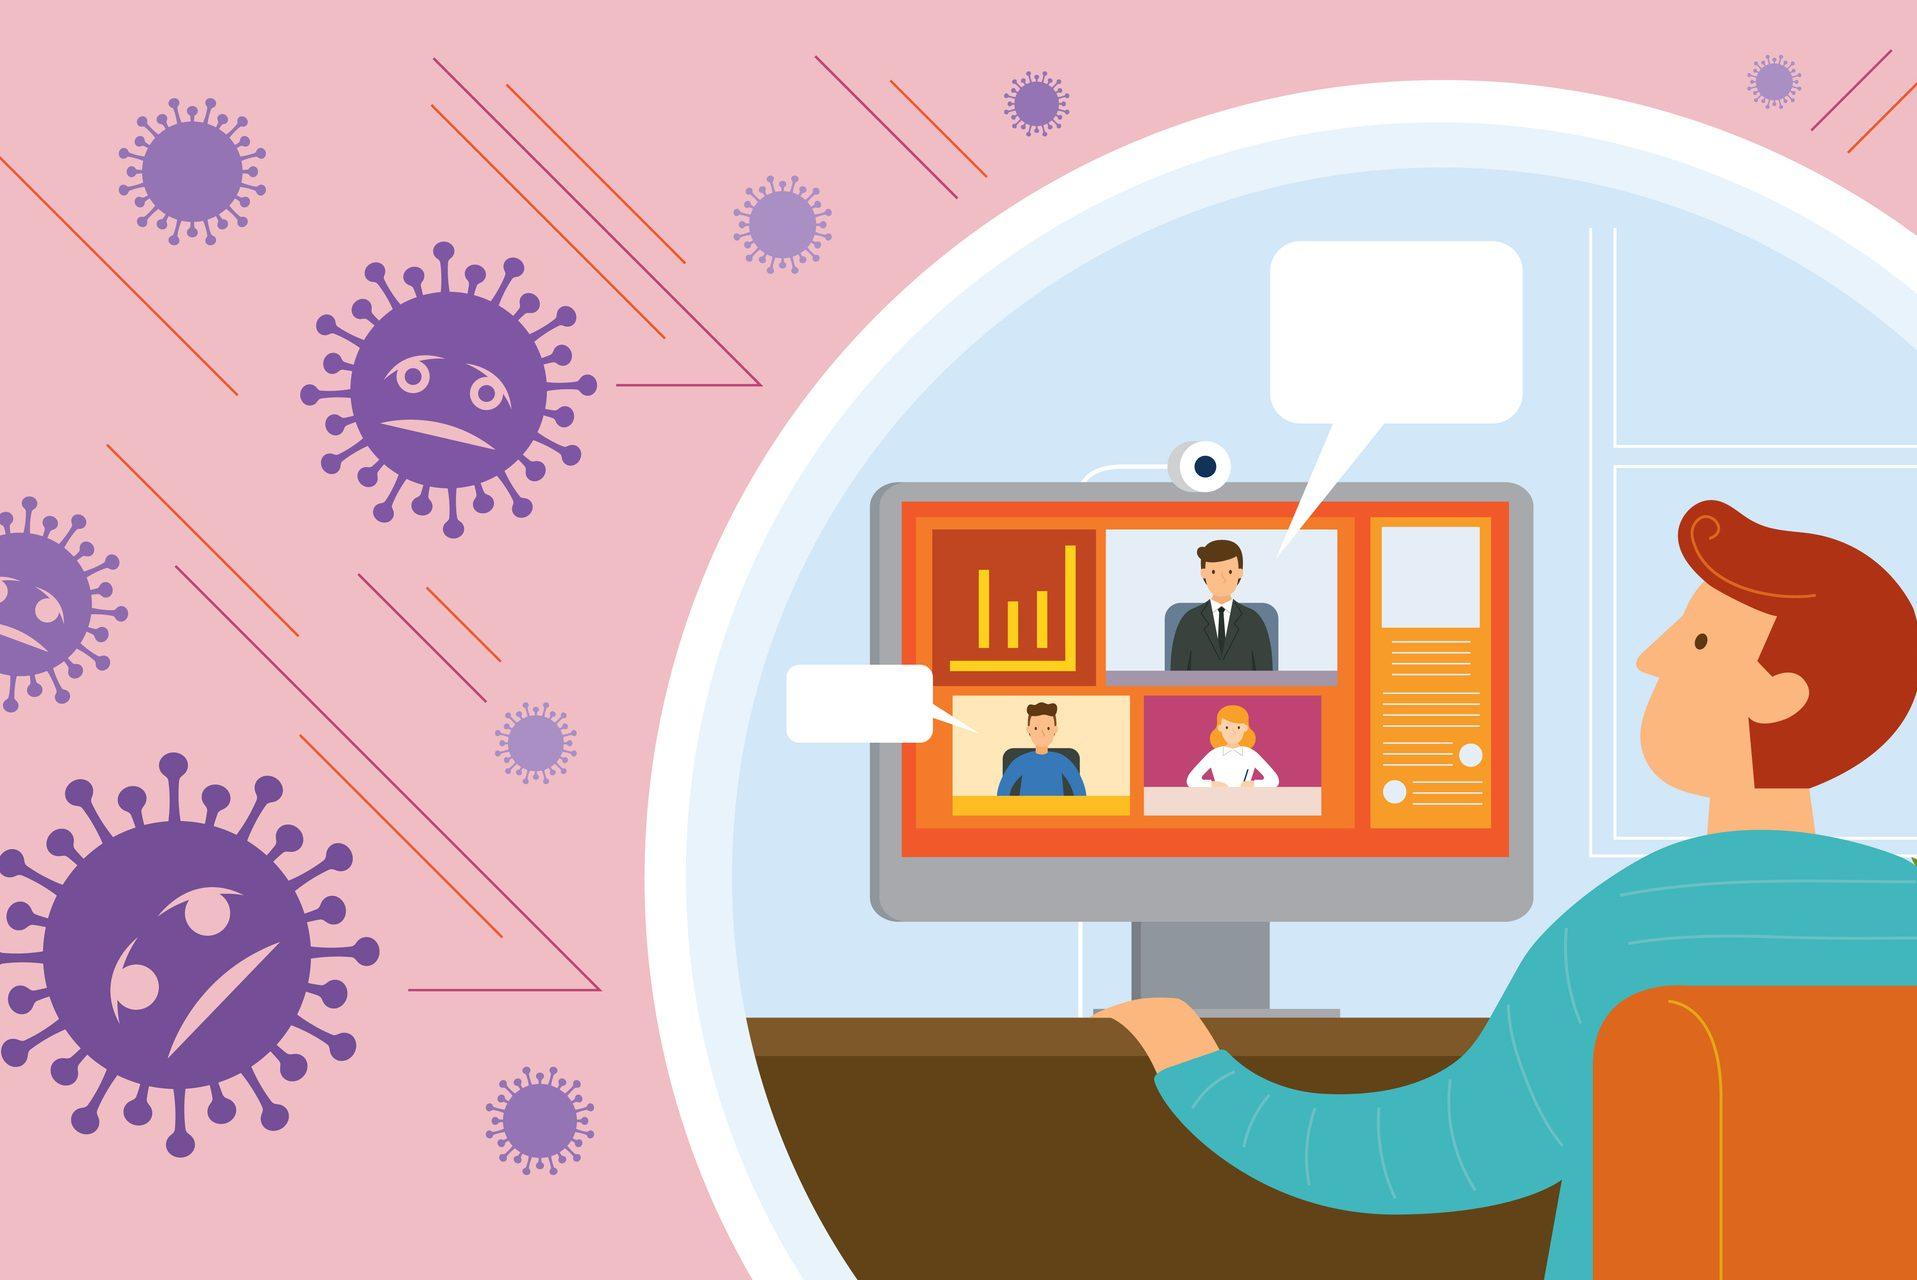 Home Office: a maioria dos profissionais não se sente muito confortável com a nova rotina